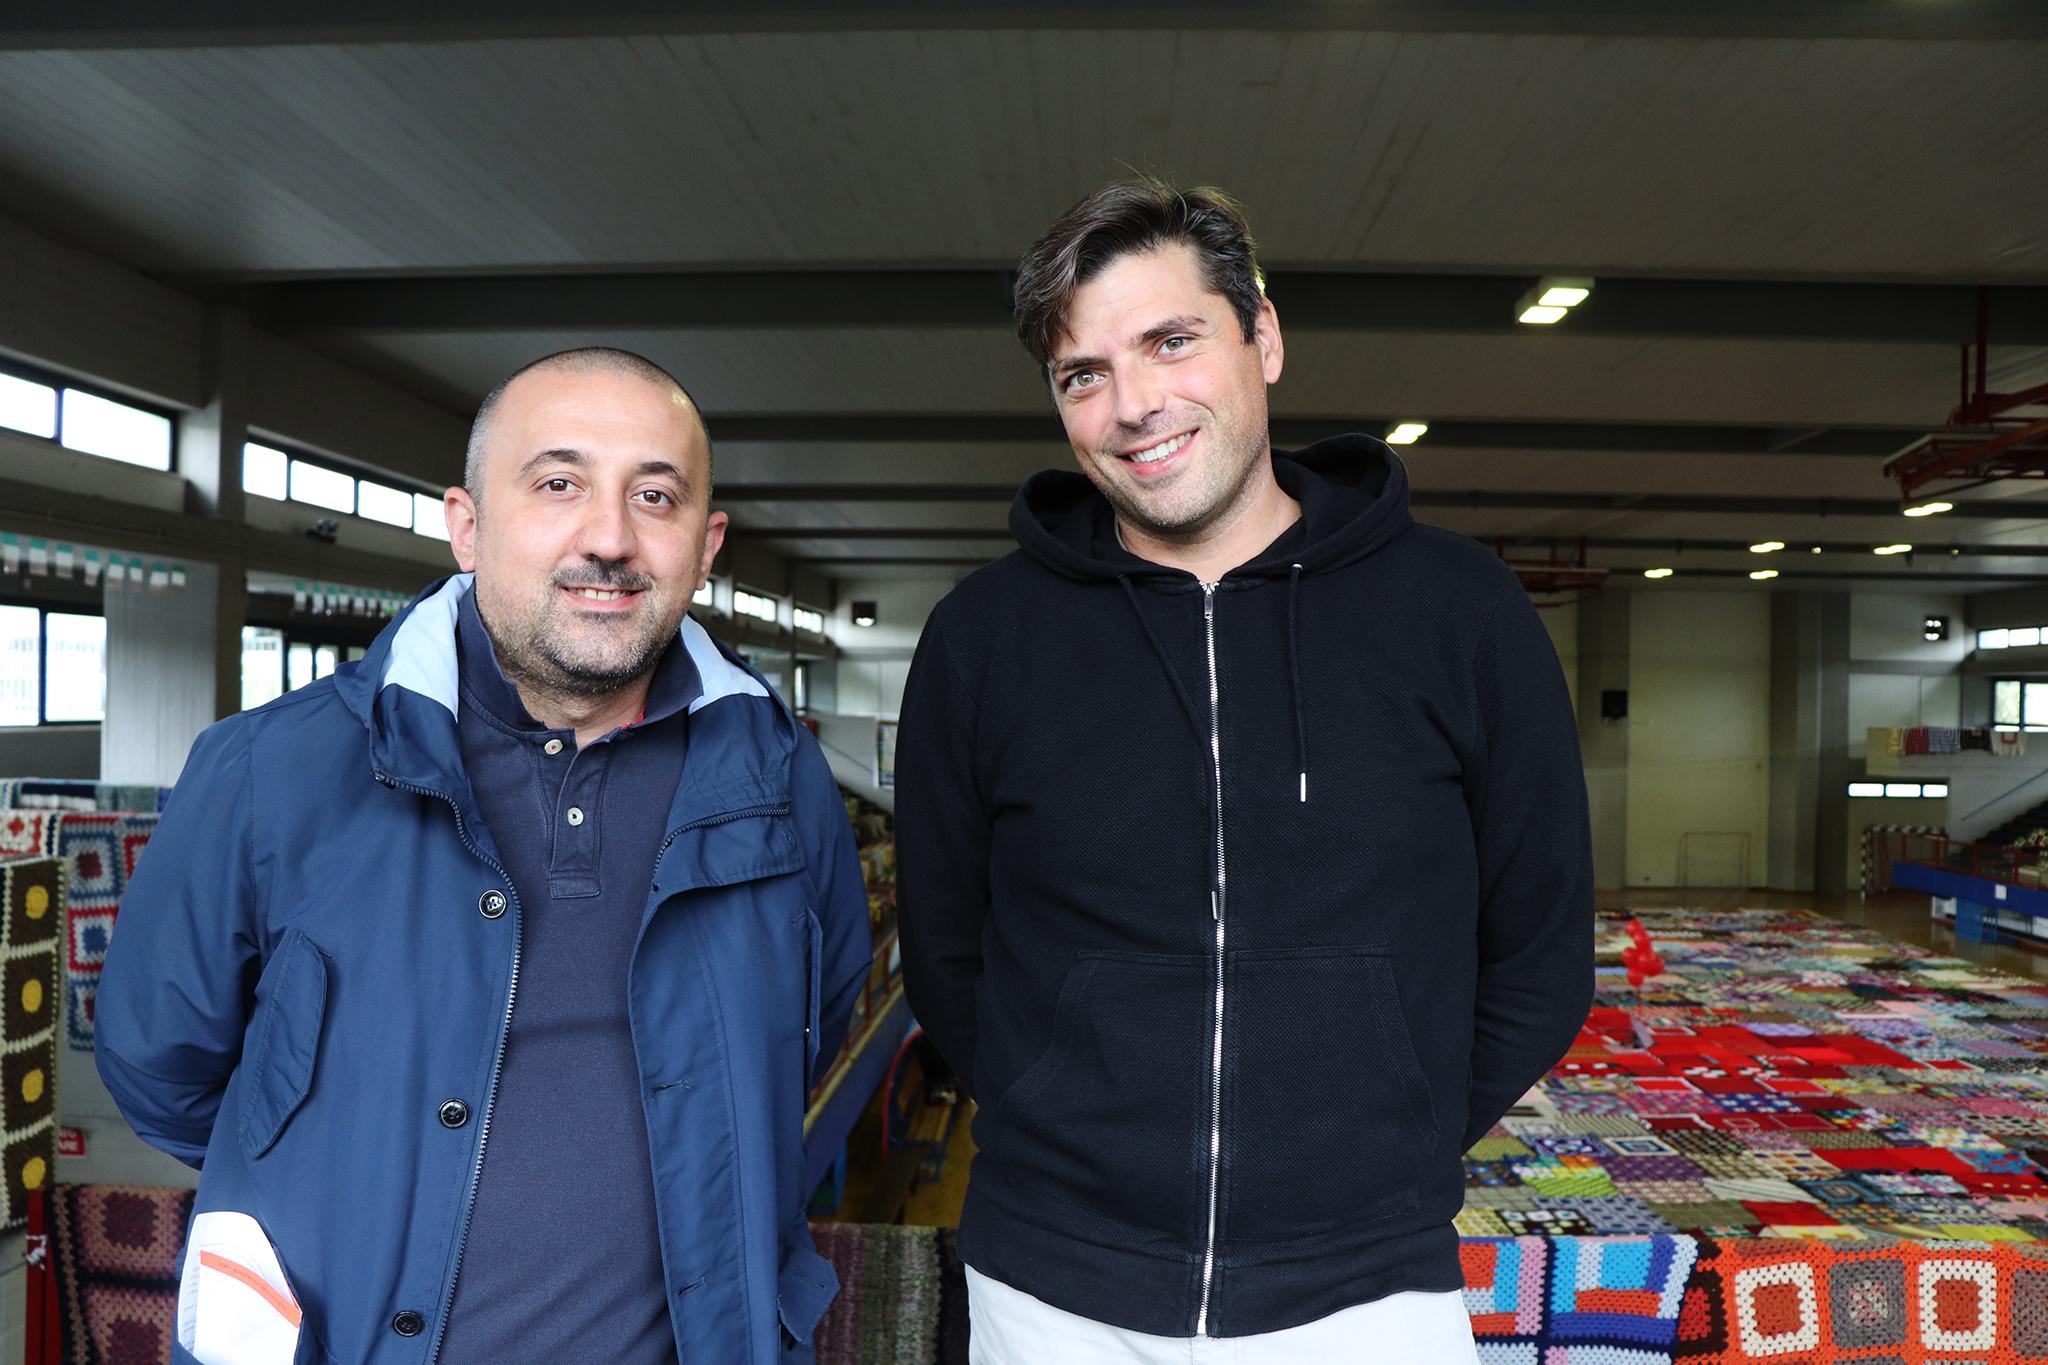 Francesco Ciccone e Alessio Saccoccio